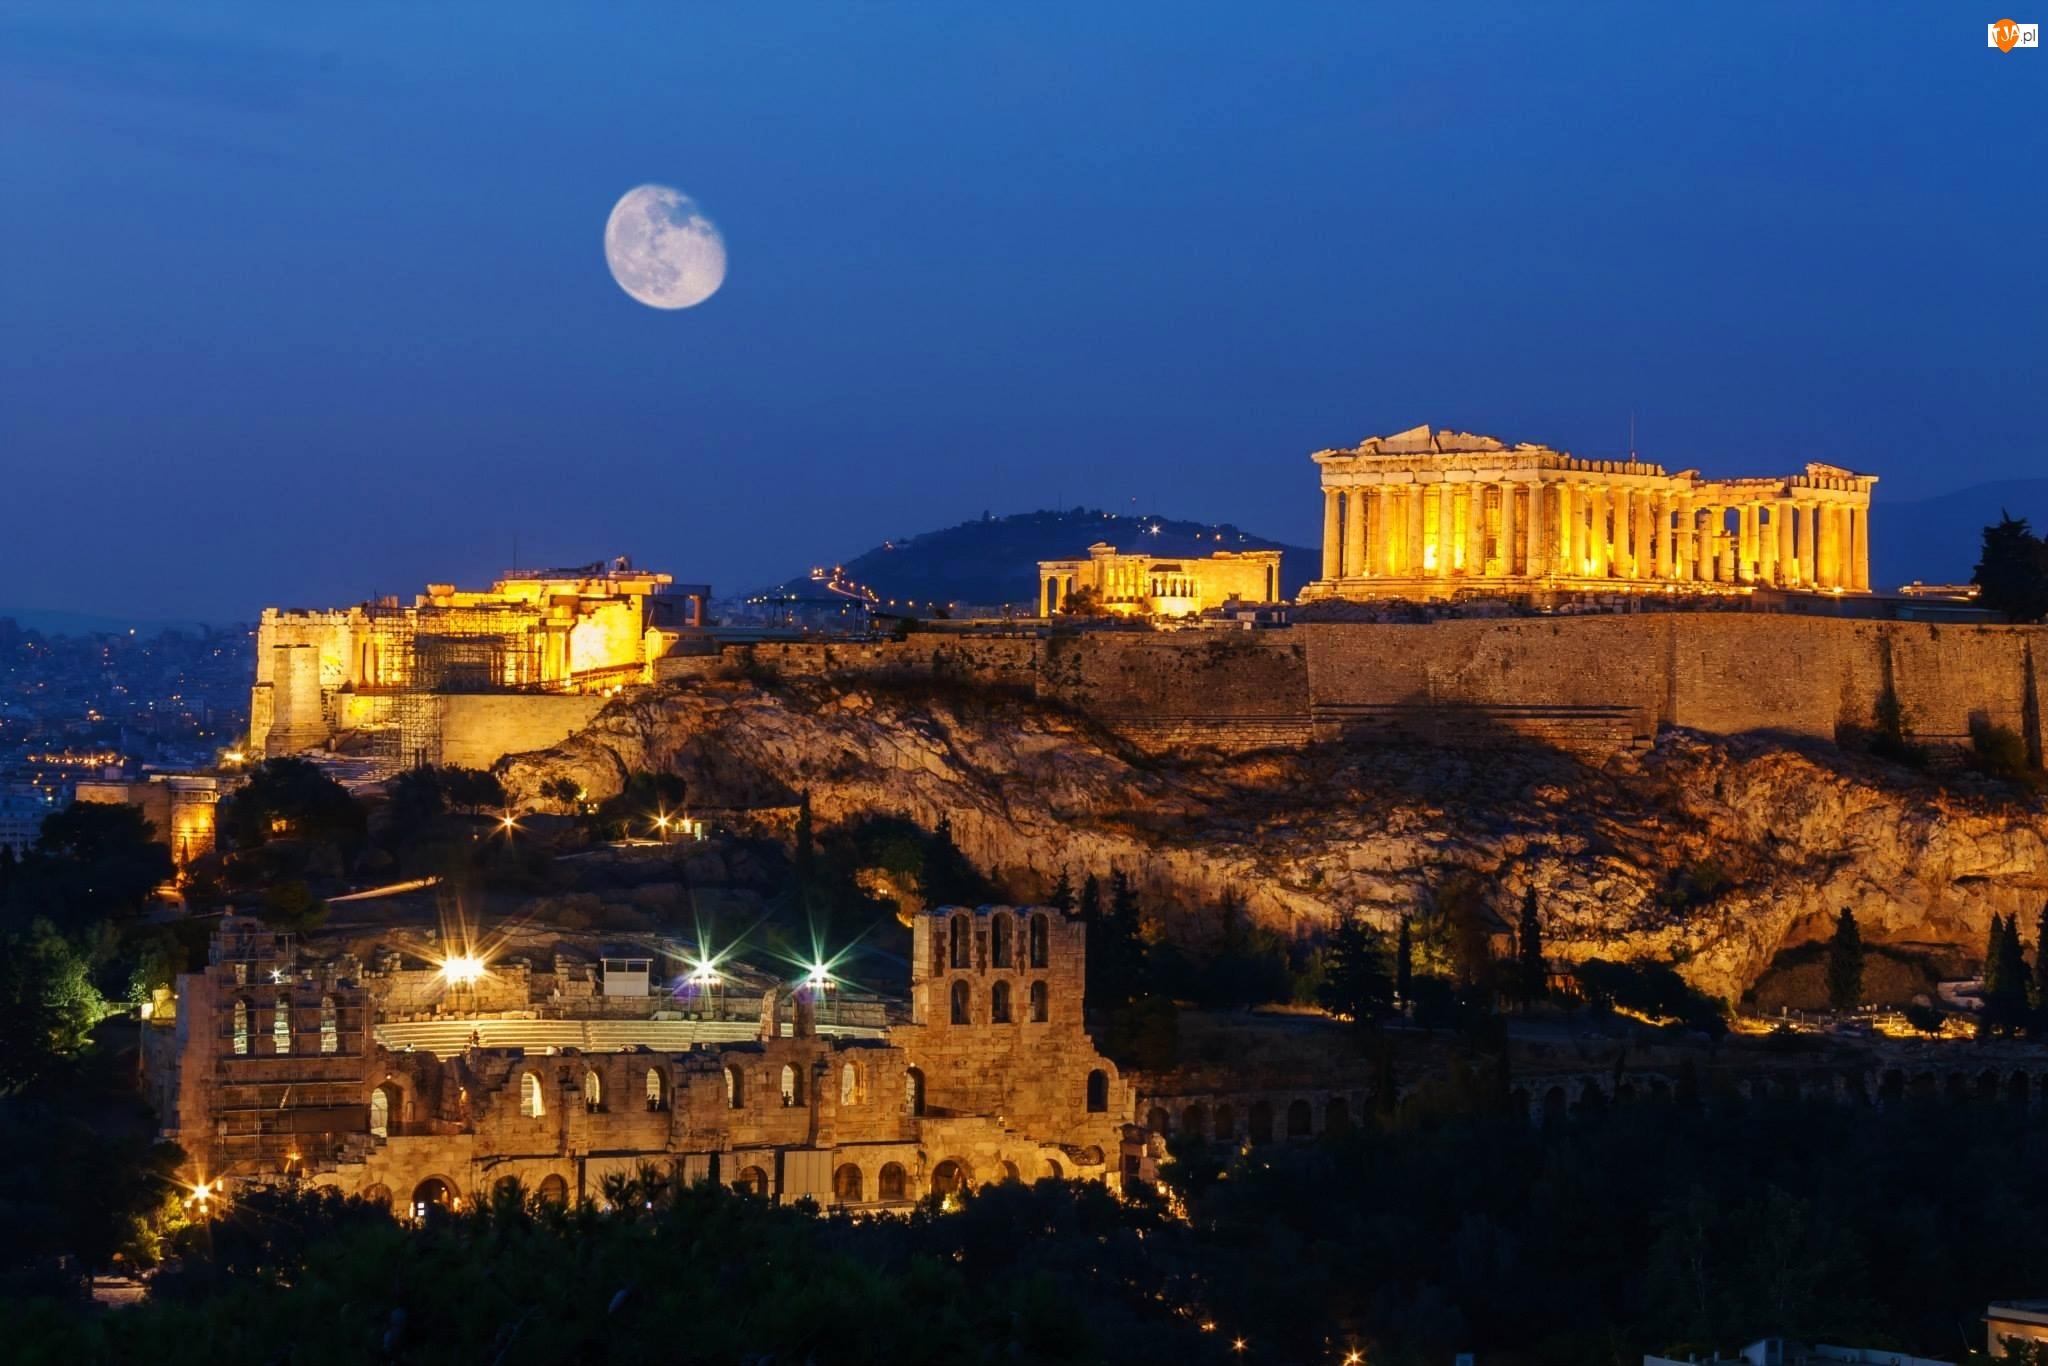 Ruiny, Akropol ateński, Grecja, Noc, Ateny, Księżyc